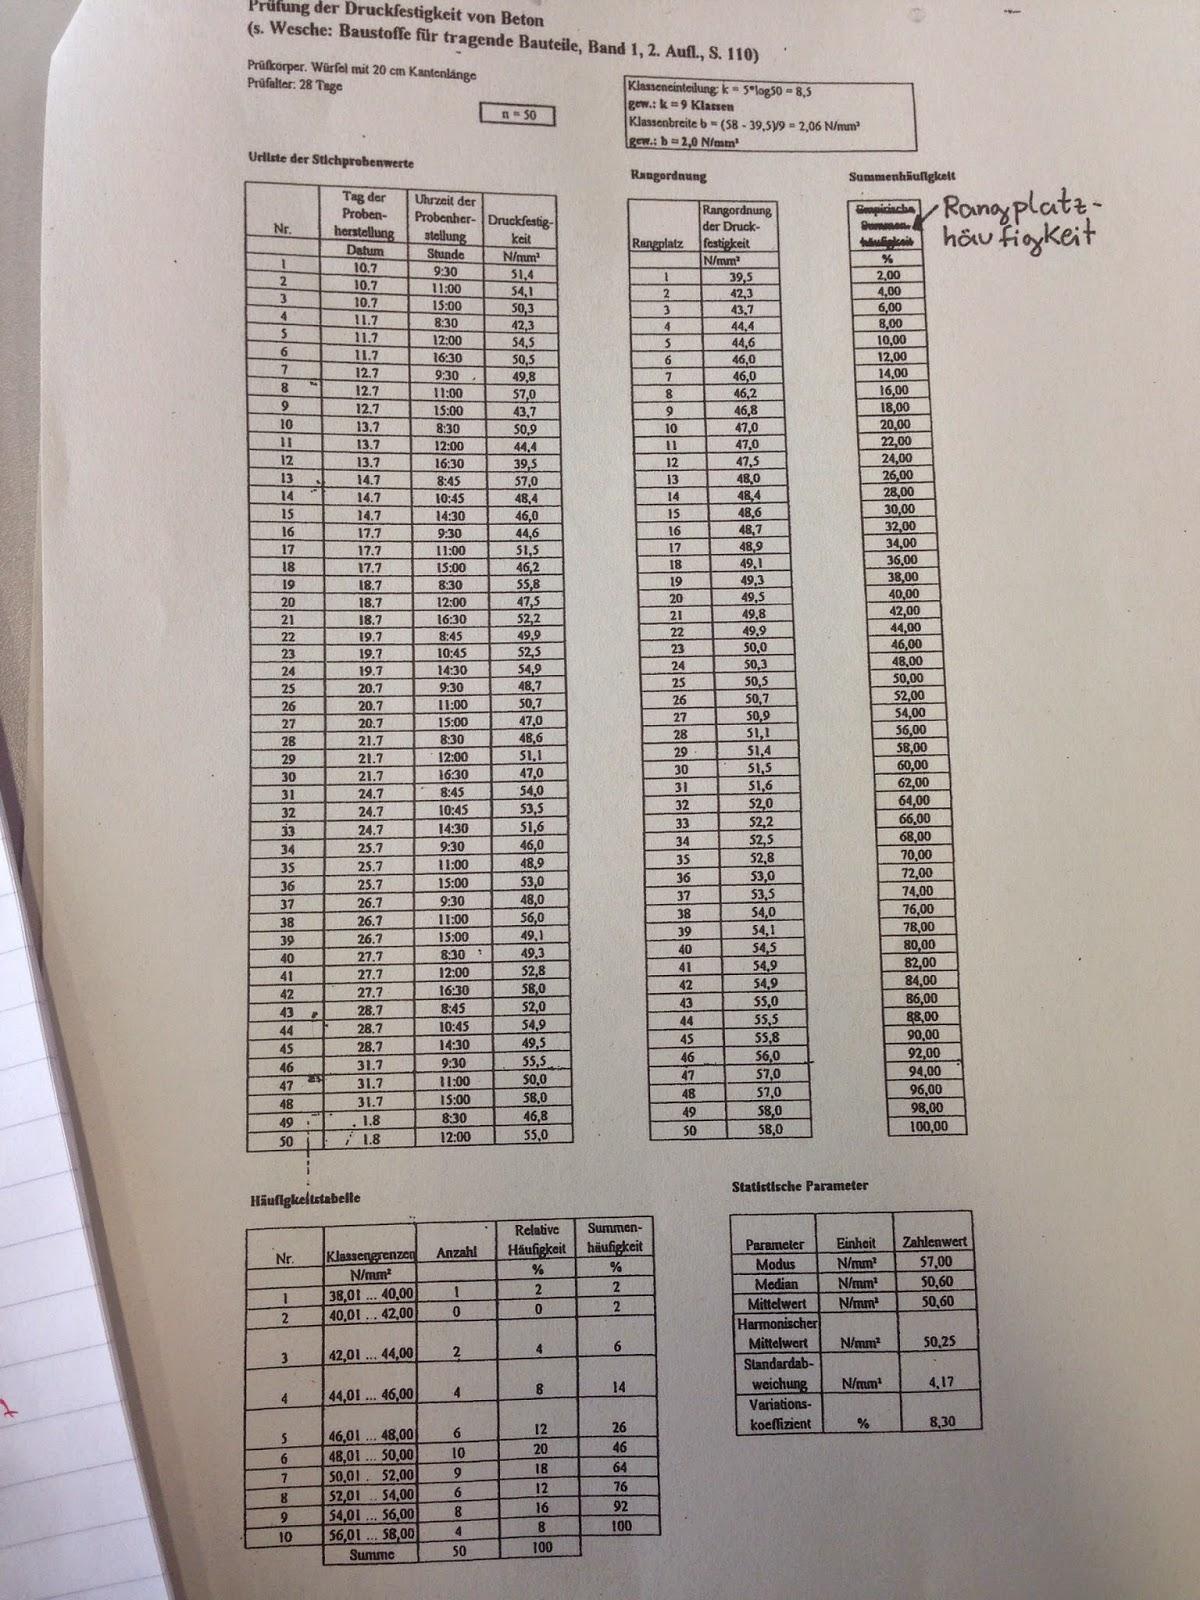 """Uhrliste Mit """"Uhrliste"""" meinen wir dass man gesamten Informationen in eine Sorgfältige Gestalt bringt und sie in eine Tabelle Liste einordnet nach"""